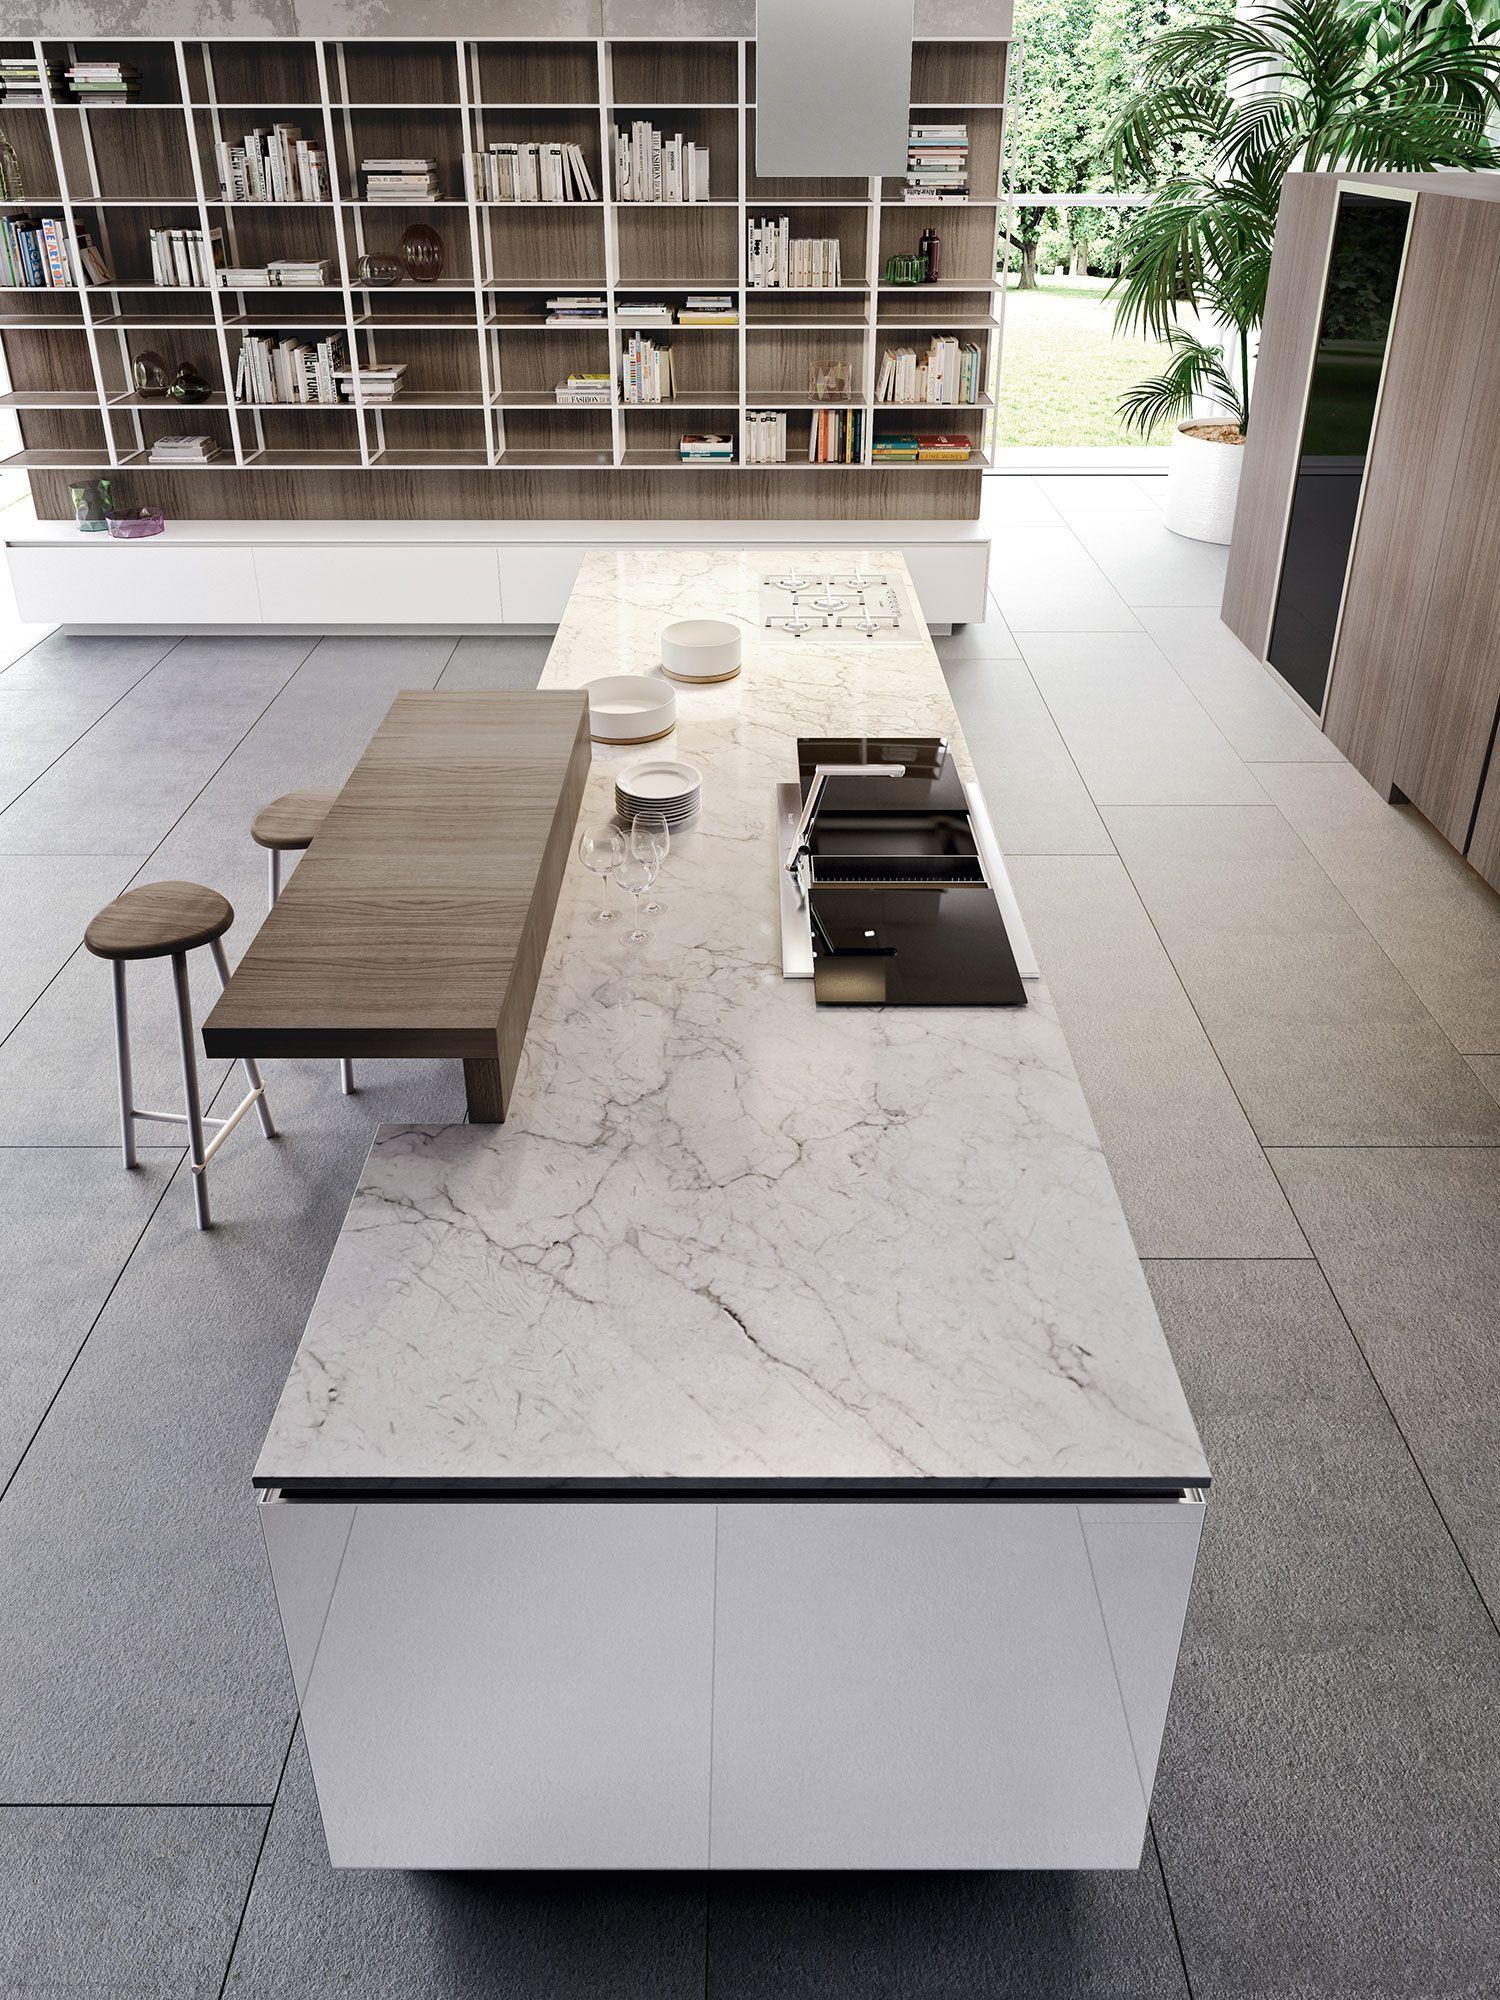 Ein traum des minimalisten polierte art materia küche für das stadthaus neue dekorations ideenneue dekorations ideen